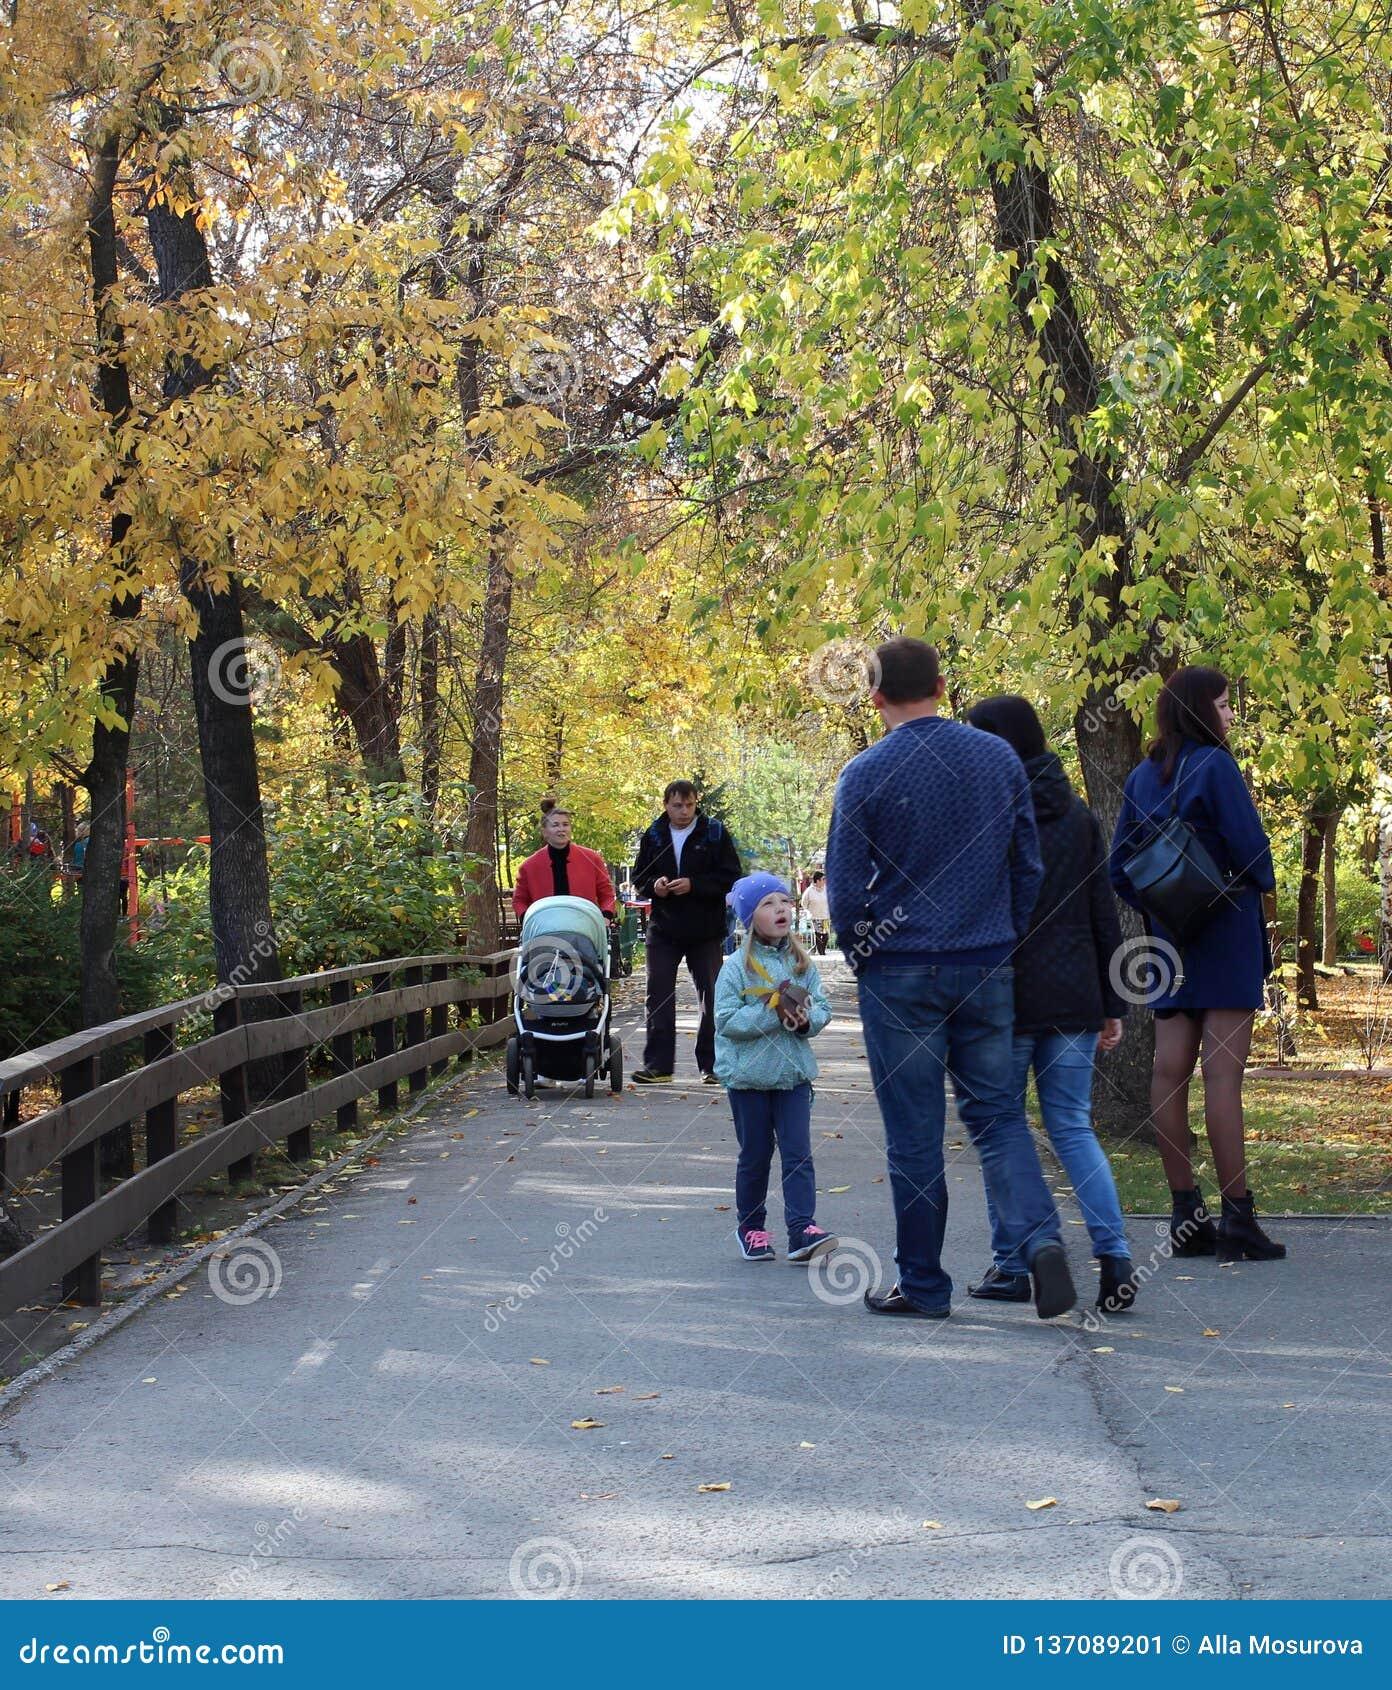 Οι γυναίκες και τα παιδιά ανδρών περπατούν σε ένα όμορφο πάρκο το καλοκαίρι 2018 του Novosibirsk πάρκων Kirov φθινοπώρου